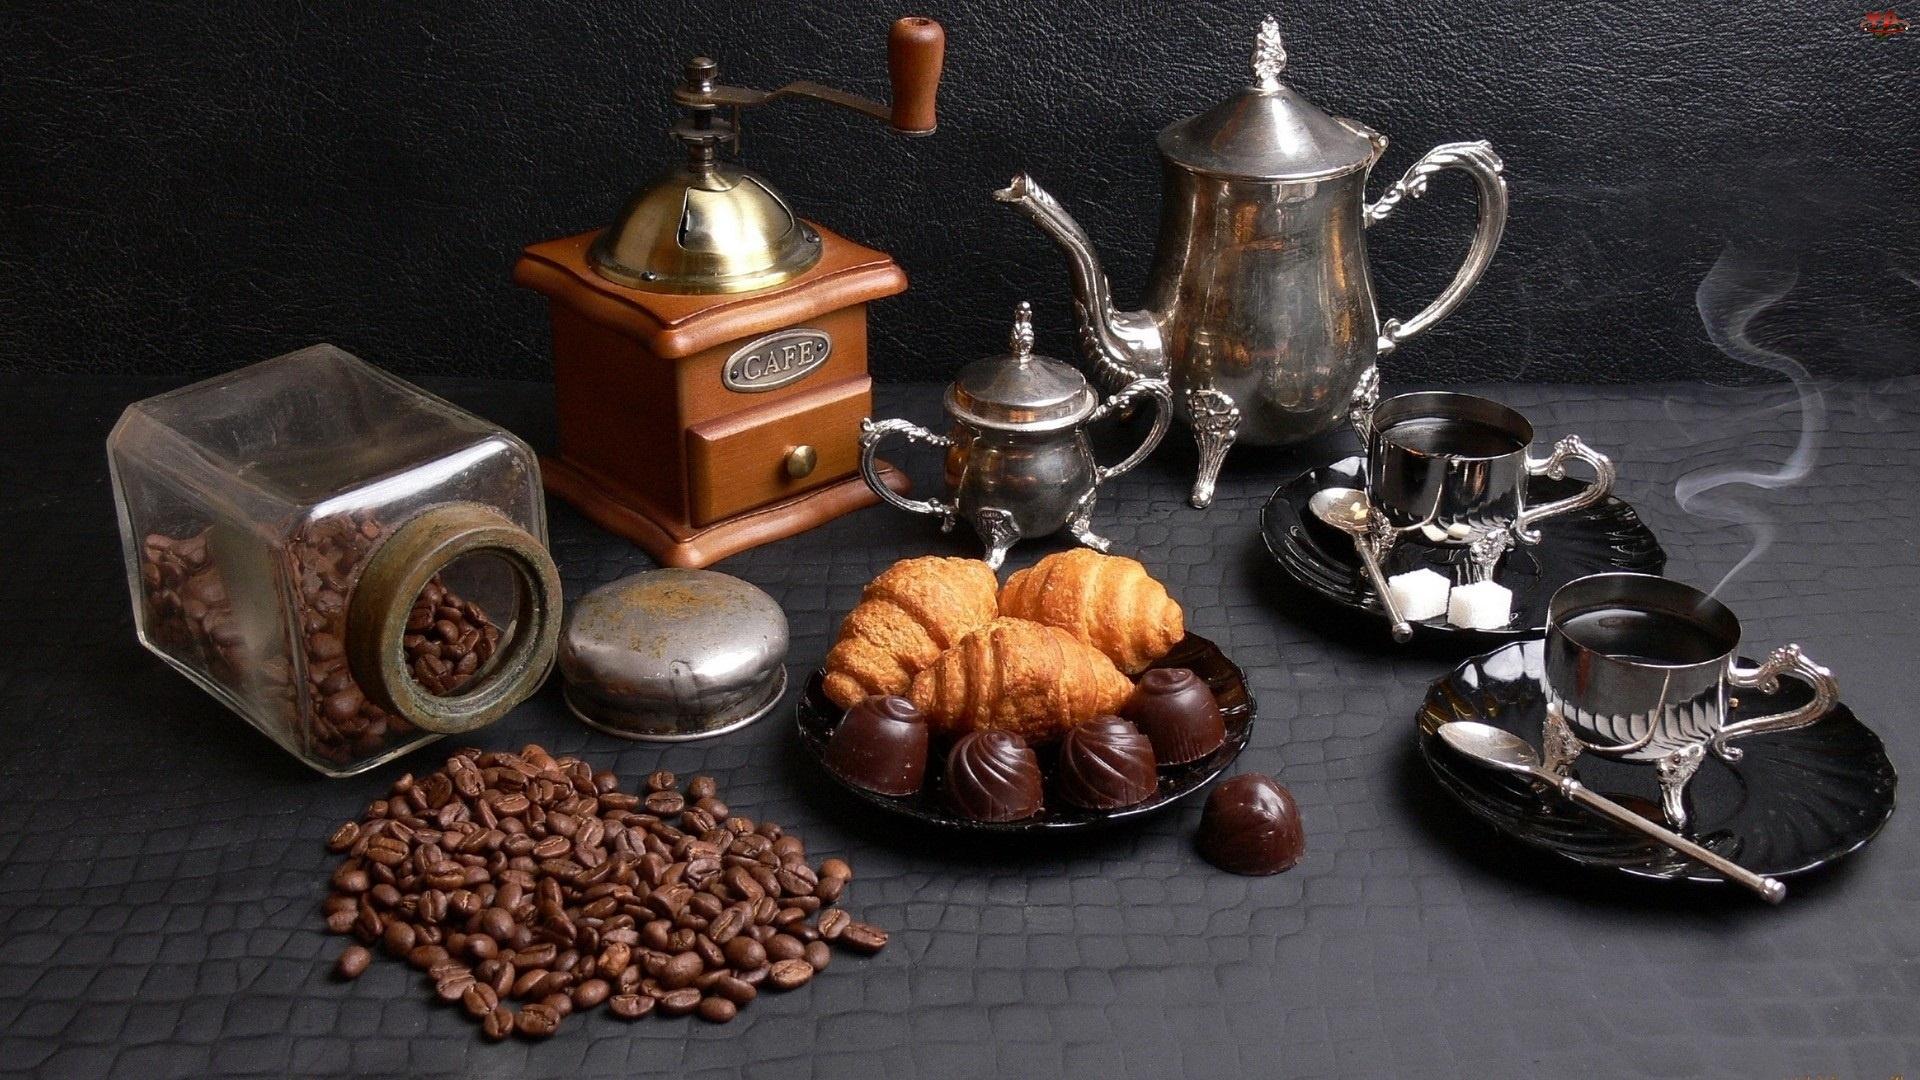 Zastawa, Kawy, Ciasteczka, Ziarna